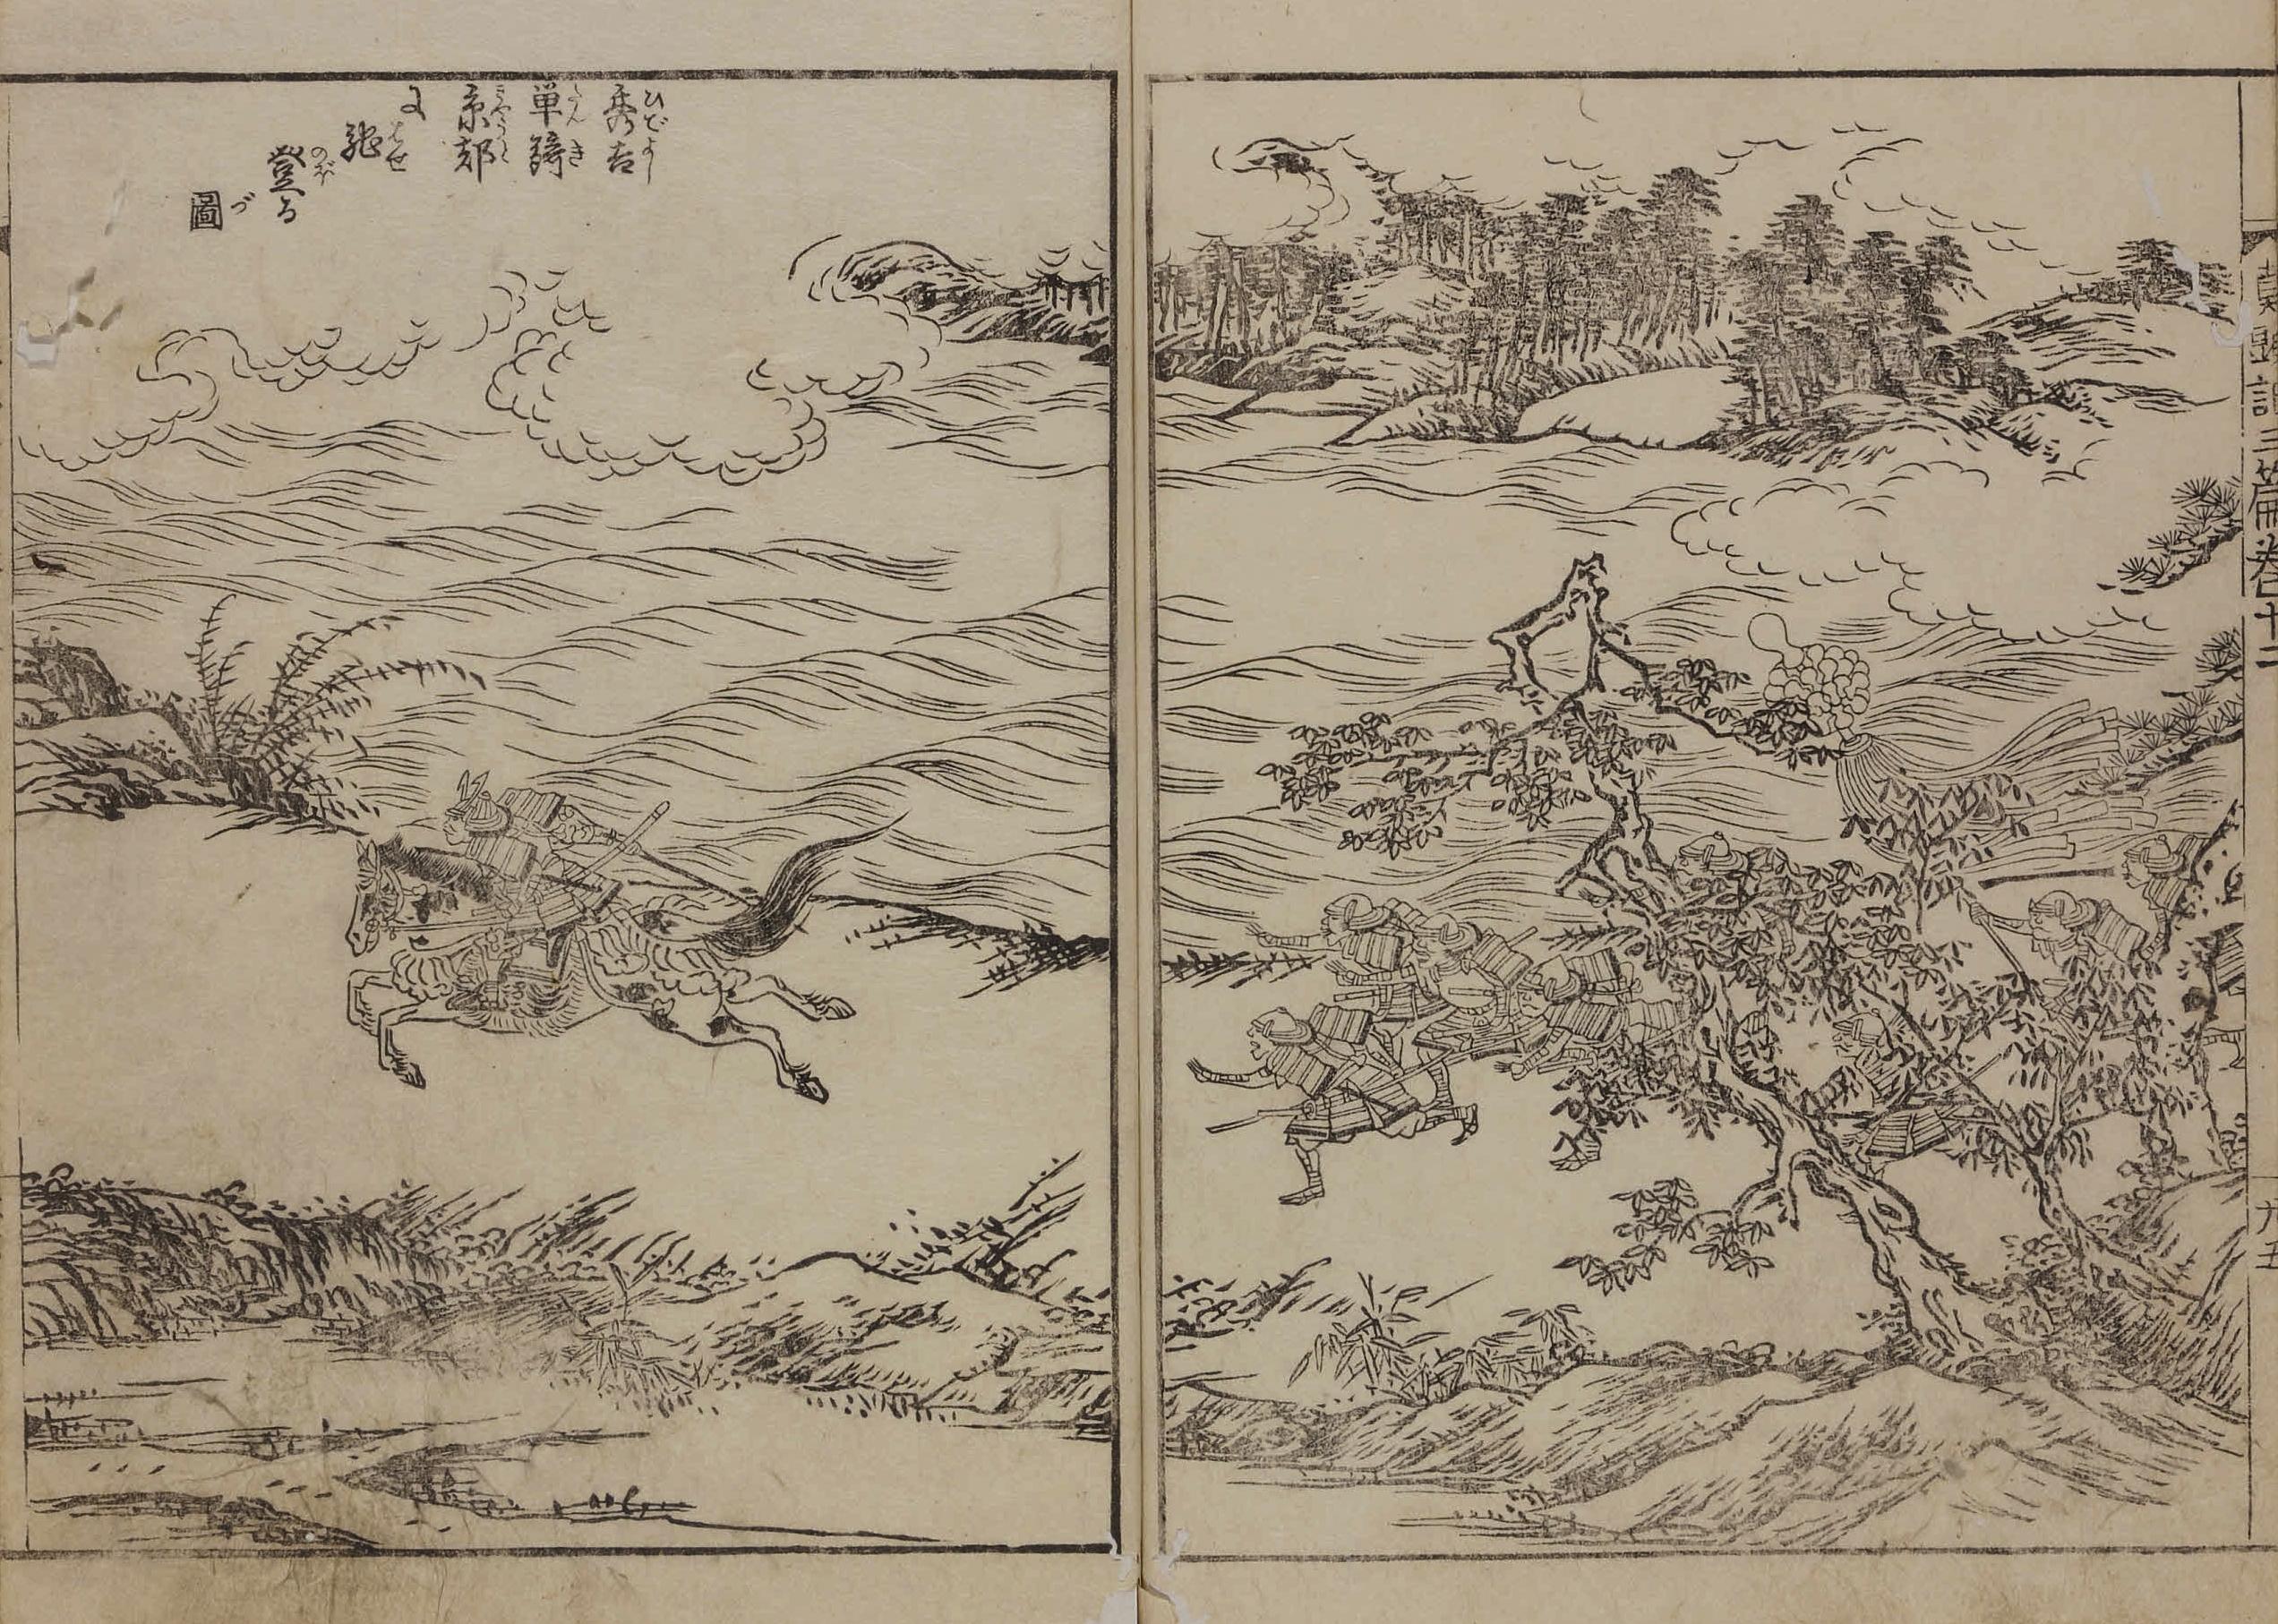 絵本太閤記と浮世絵